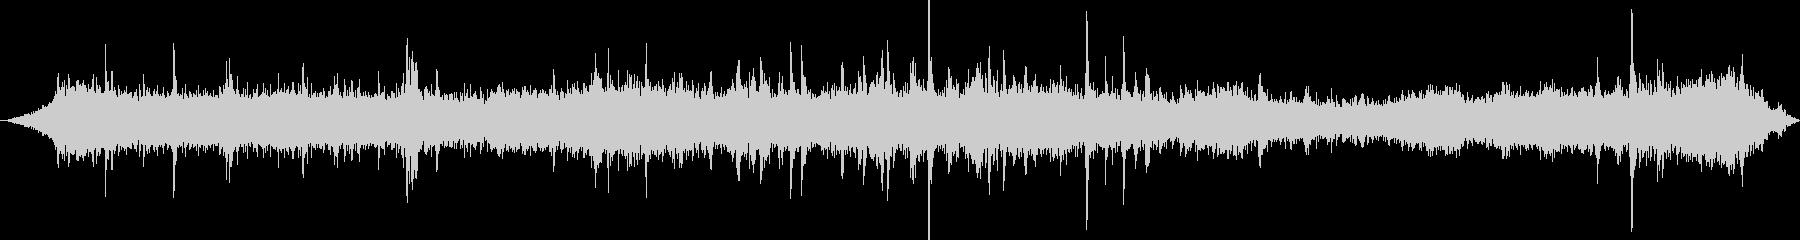 スクールバス:Int:ドライブオン...の未再生の波形